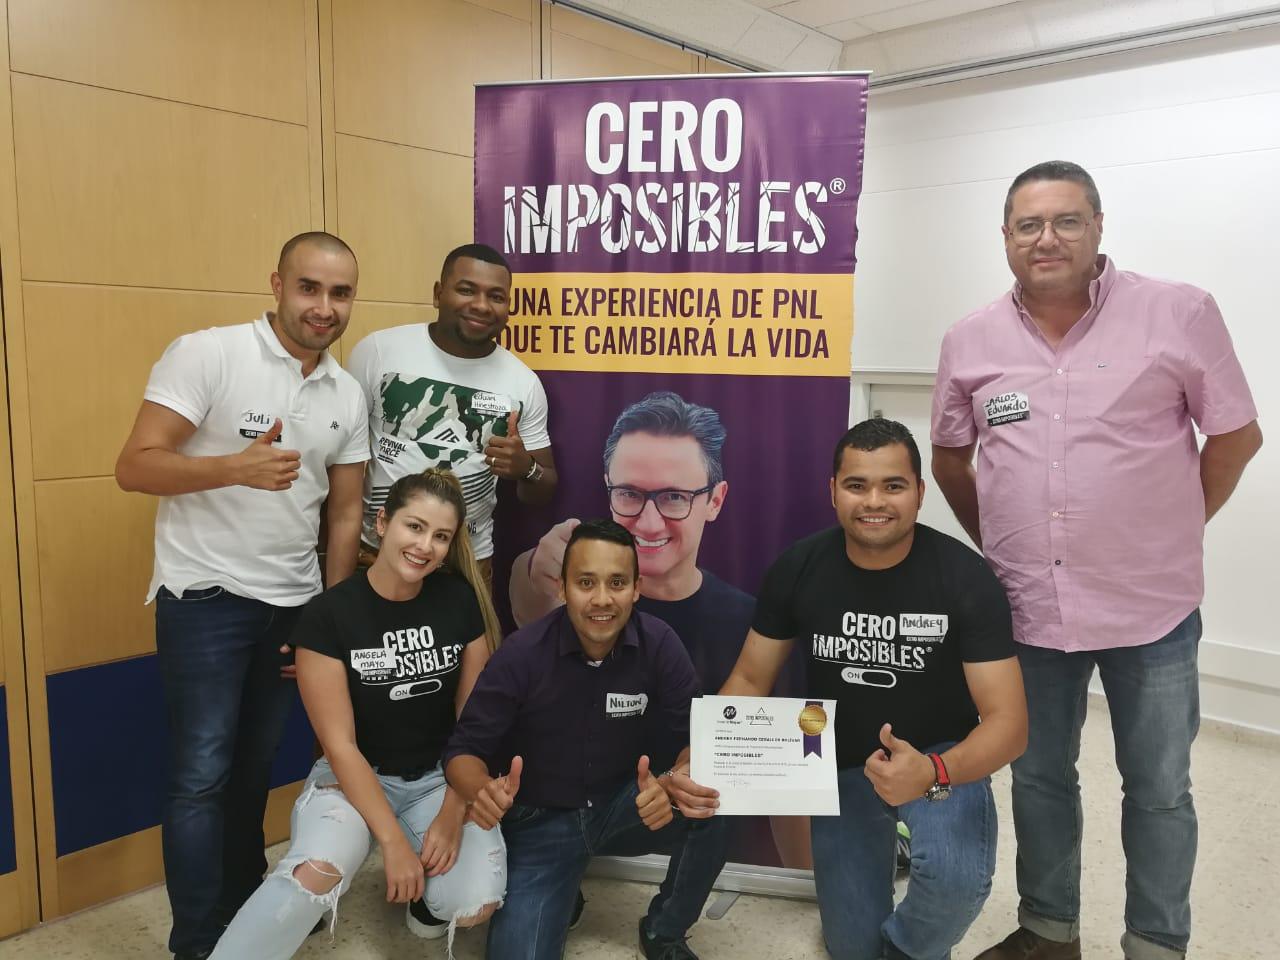 cero-imposibles-medellin-junio-2019-varias67